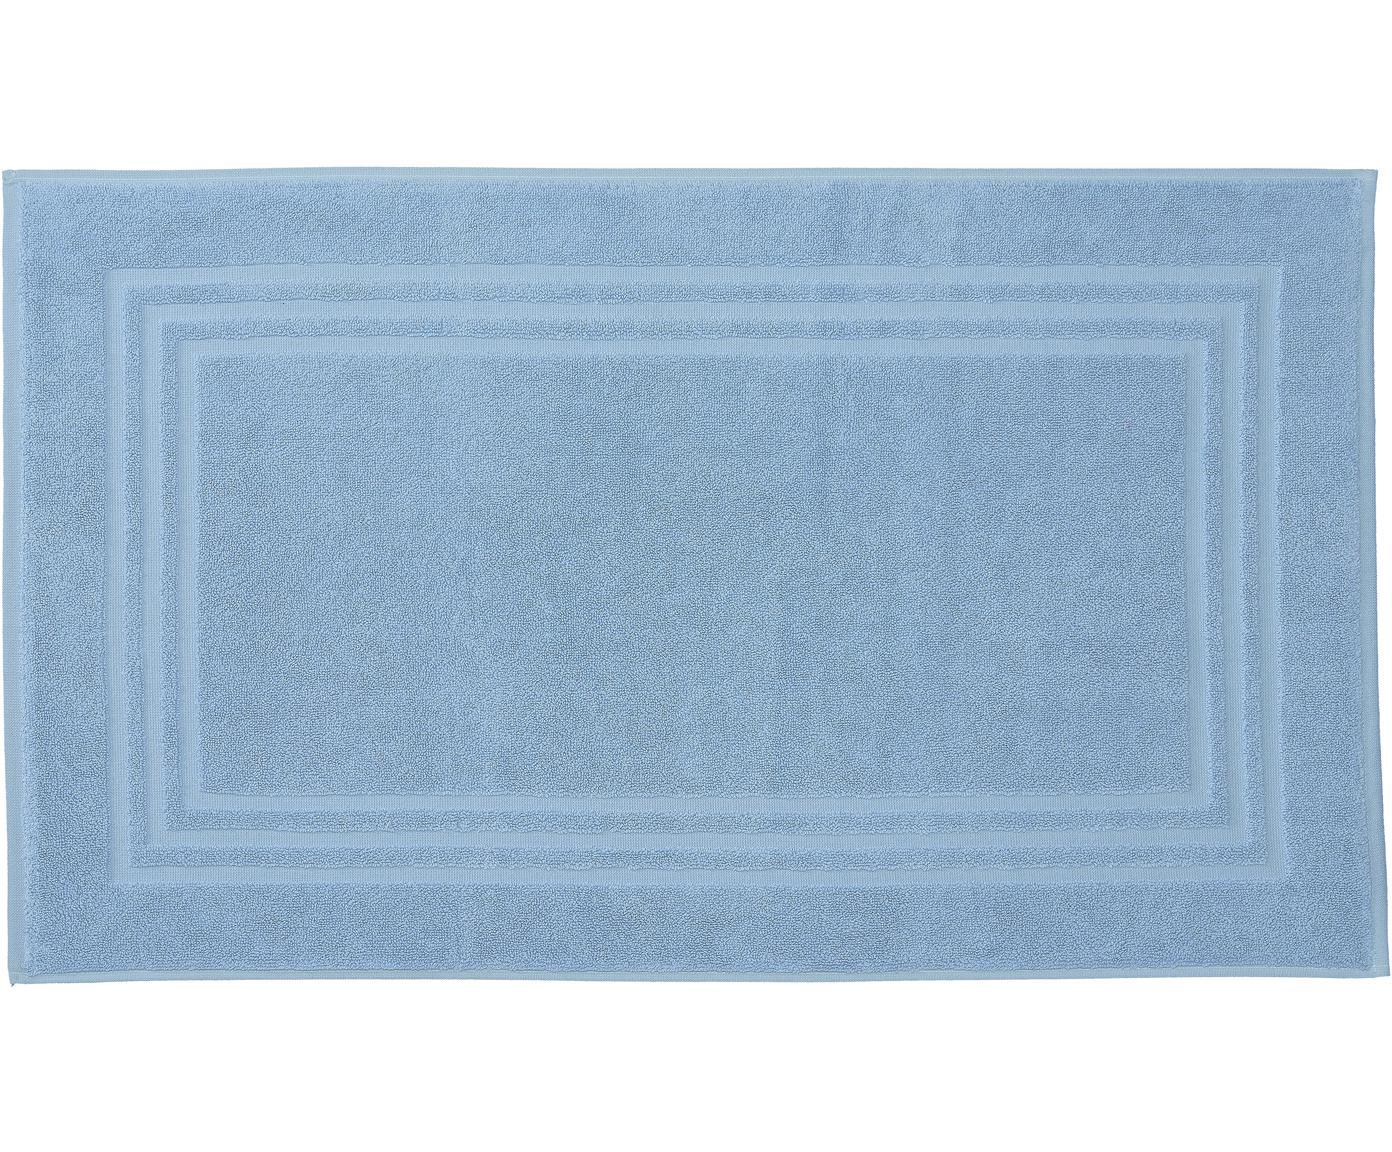 Einfarbiger Badvorleger Gentle, 100% Baumwolle, Eisblau, 50 x 80 cm